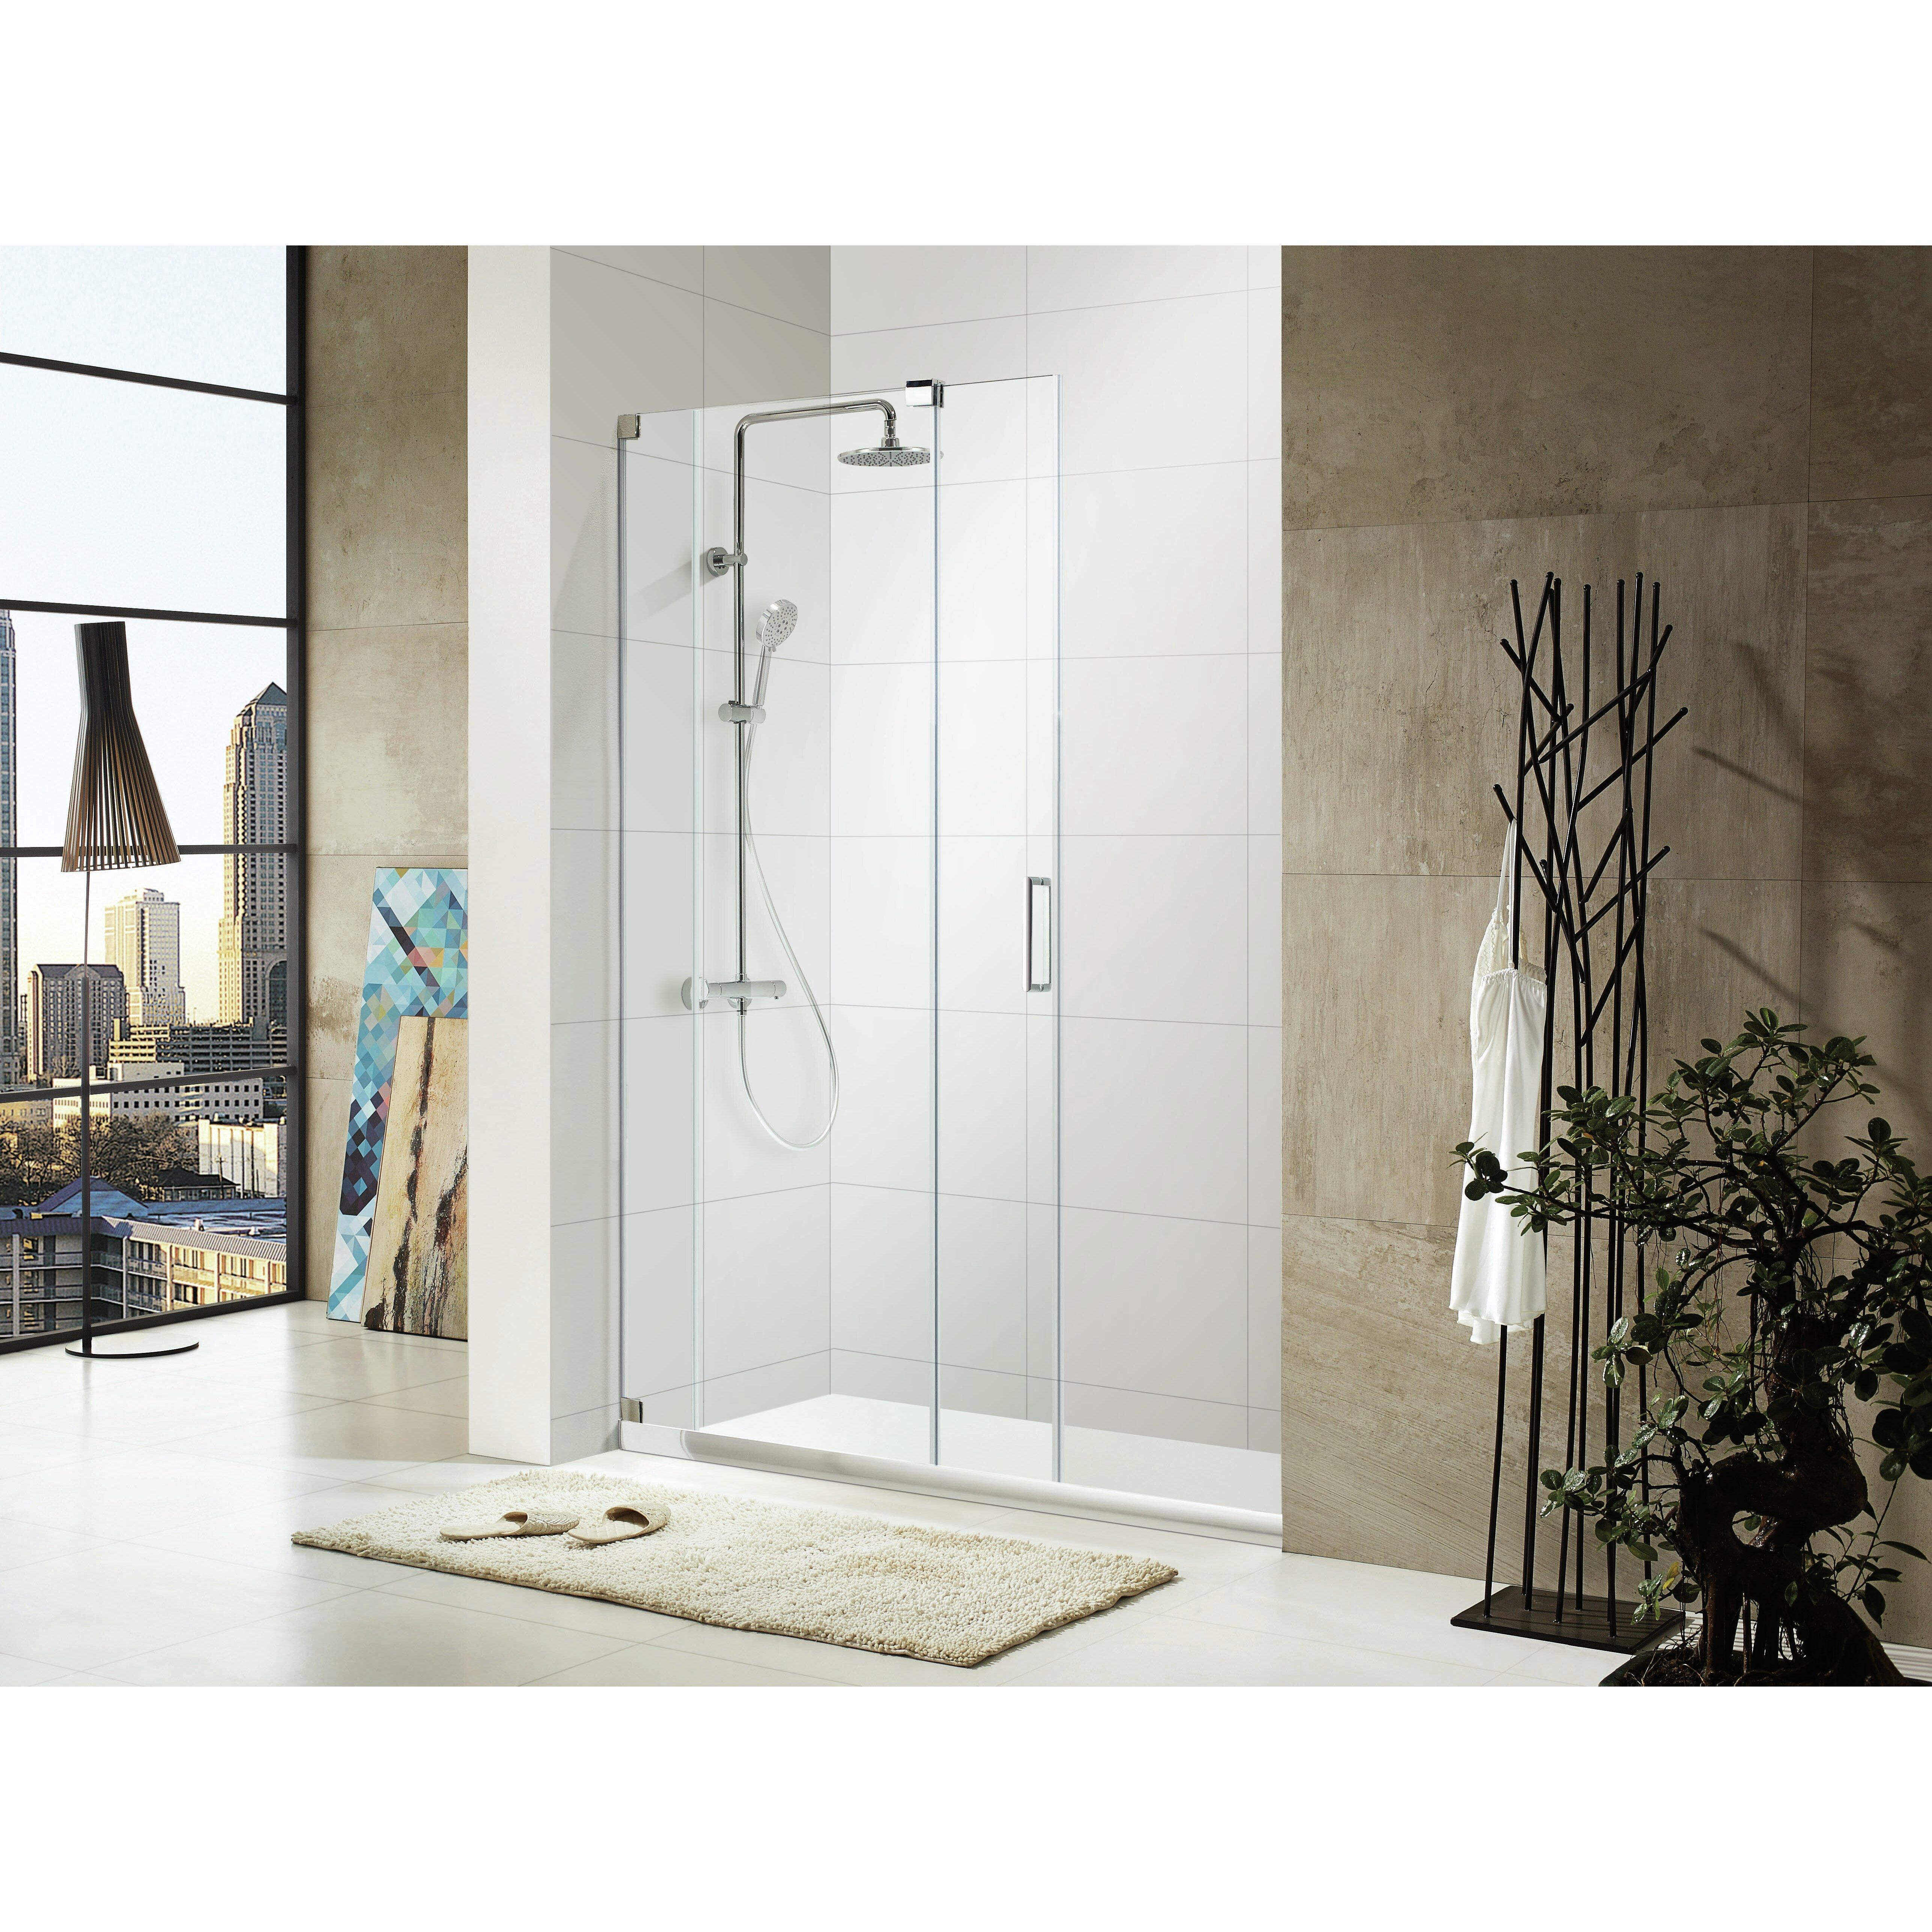 51484755195053605148 Lux 72 X 56 60 Frameless Sliding Shower Door \\u0026 Reviews #4F7A7C 60